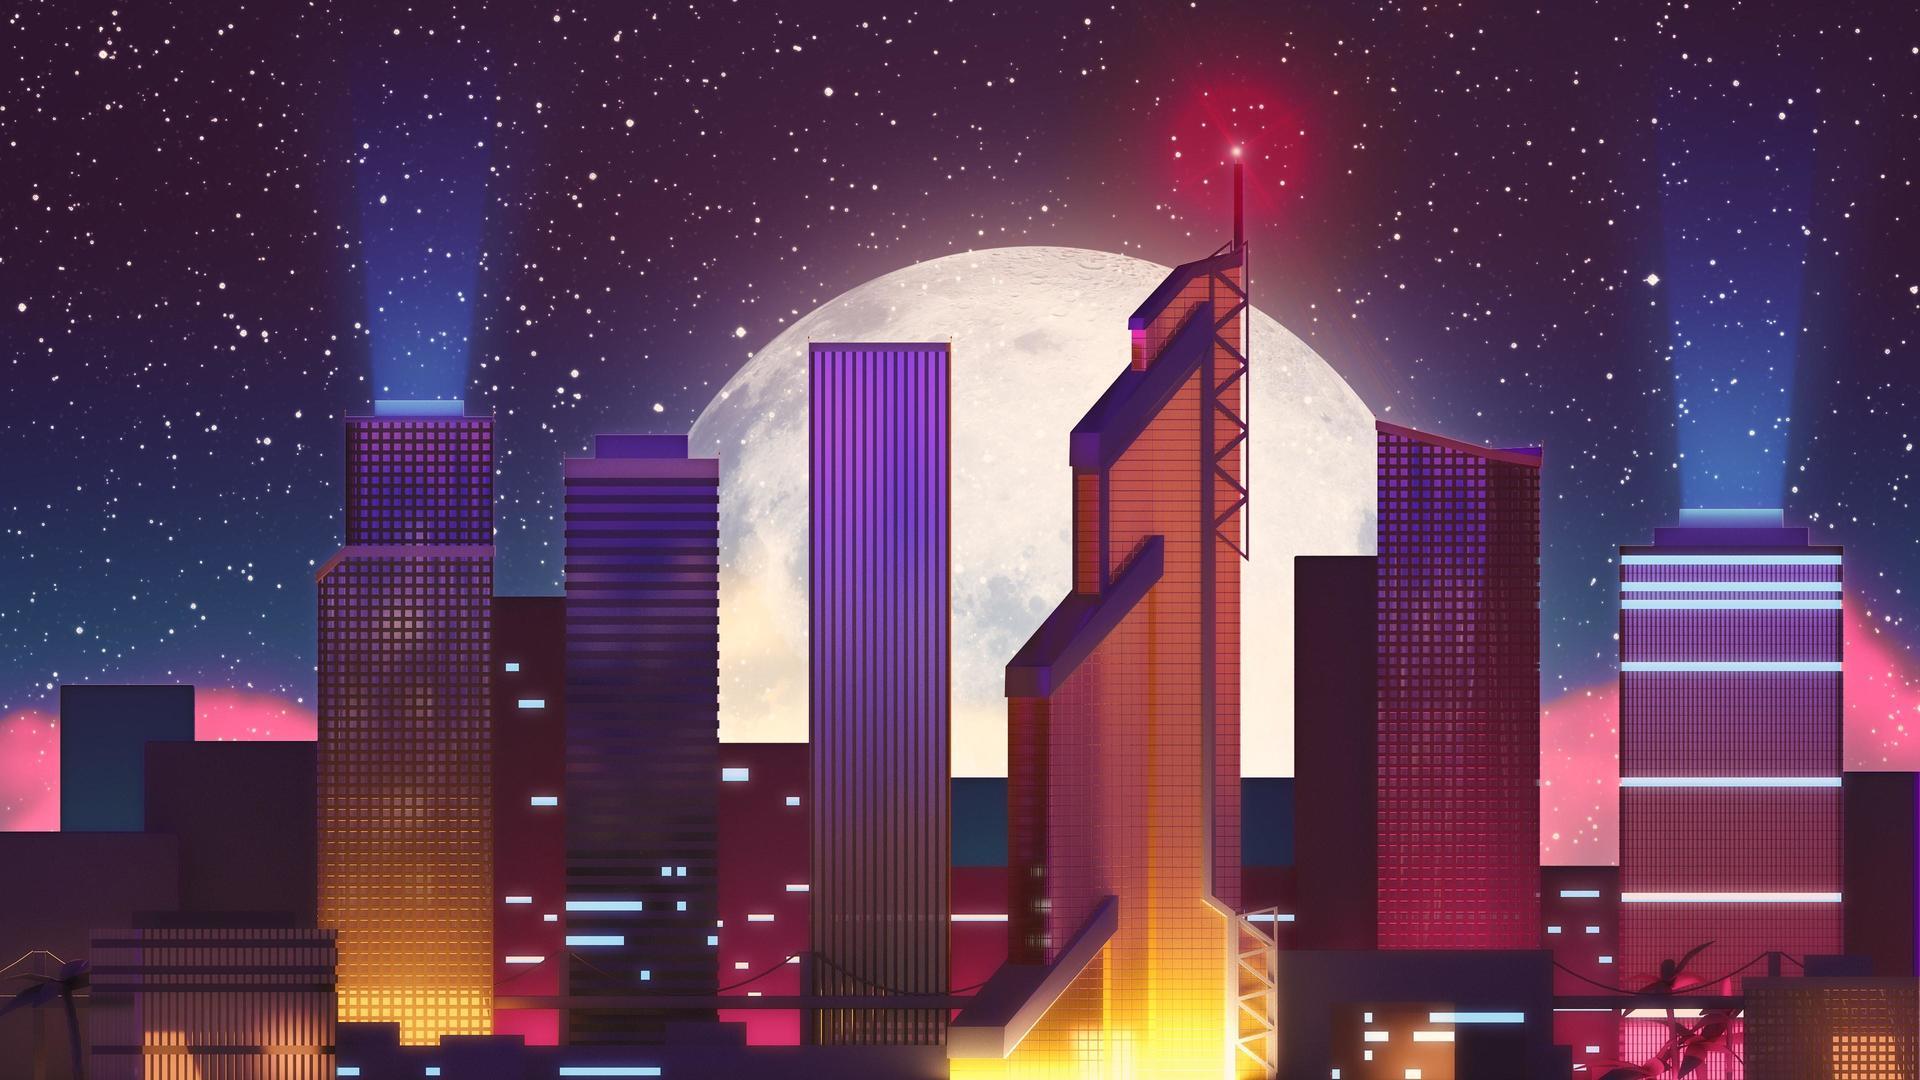 Ночной город ночь луна город